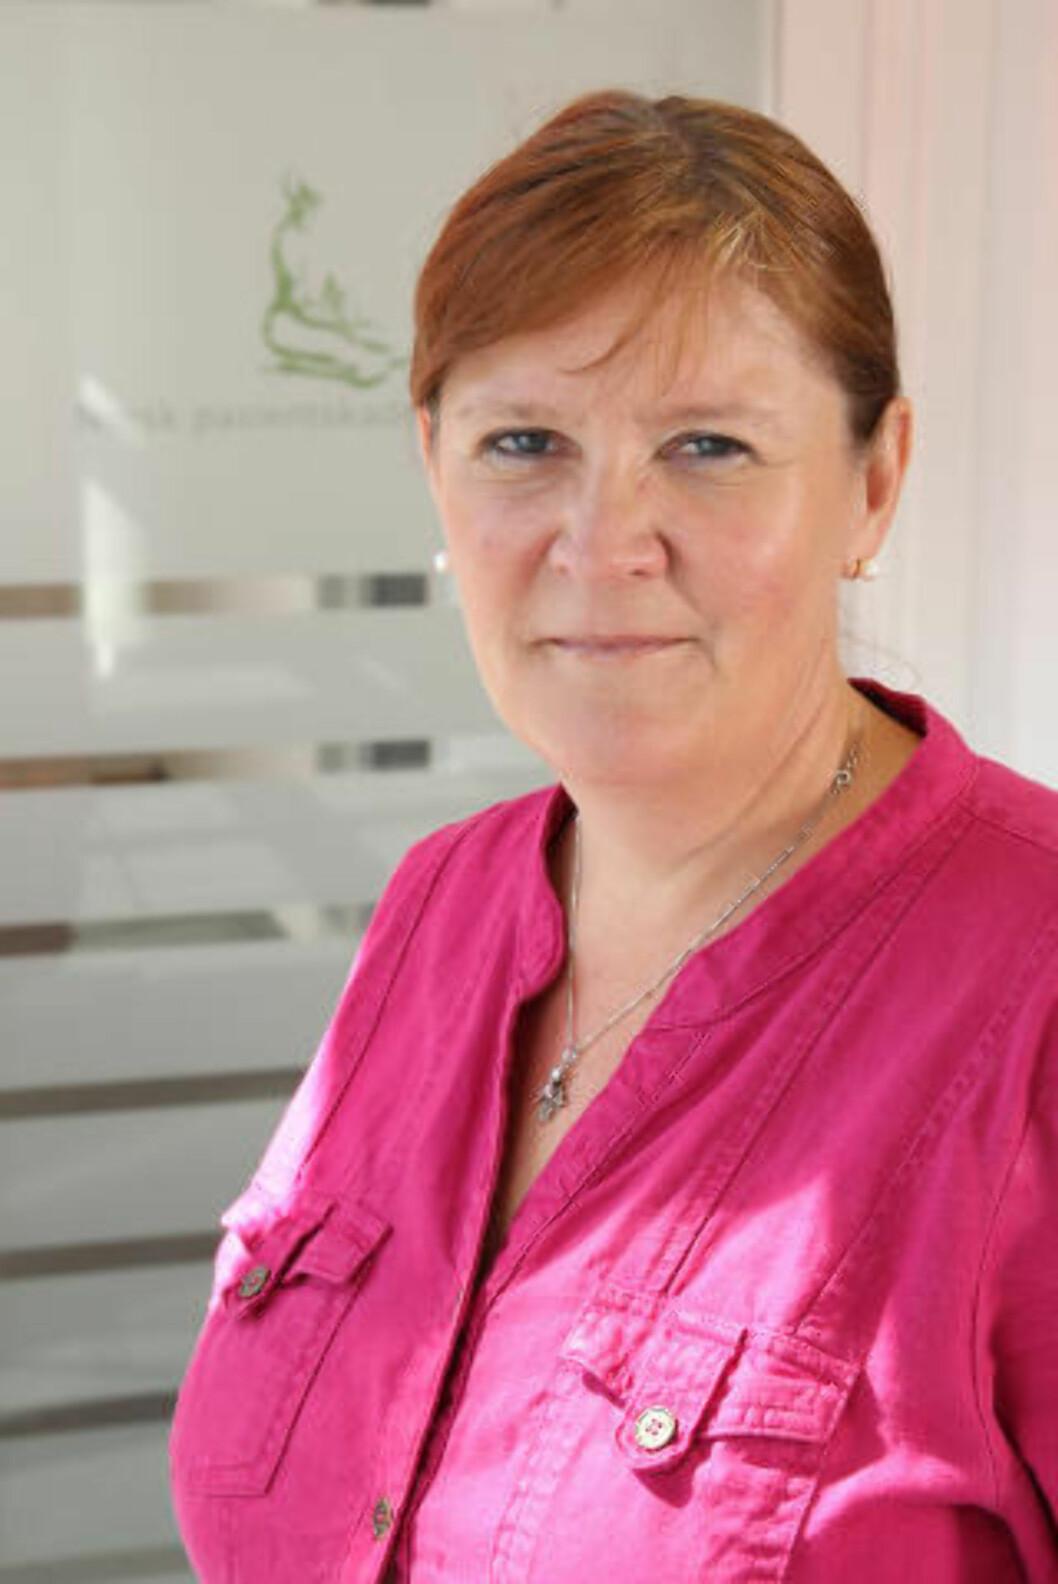 SVARER PÅ KRITIKK: Avdelingsdirektør Anne-Mette Gulaker i NPE. Foto: NPE